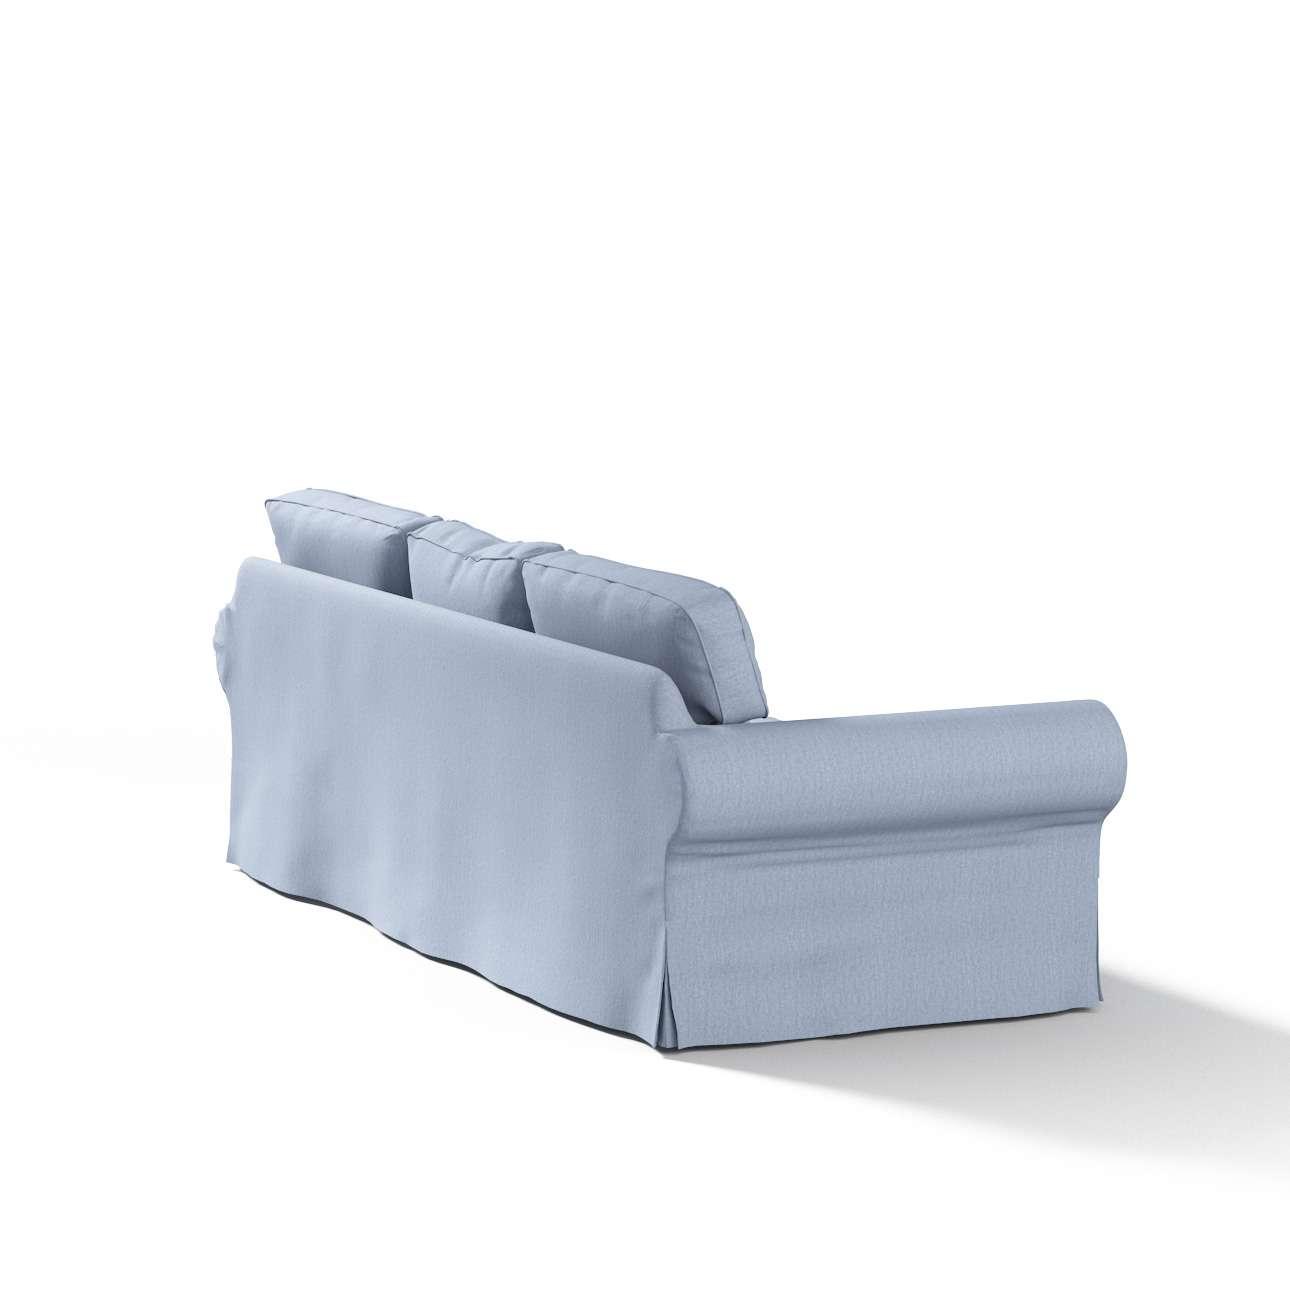 Ektorp trivietės sofos užvalkalas Ektorp trivietės sofos užvalkalas kolekcijoje Chenille, audinys: 702-13